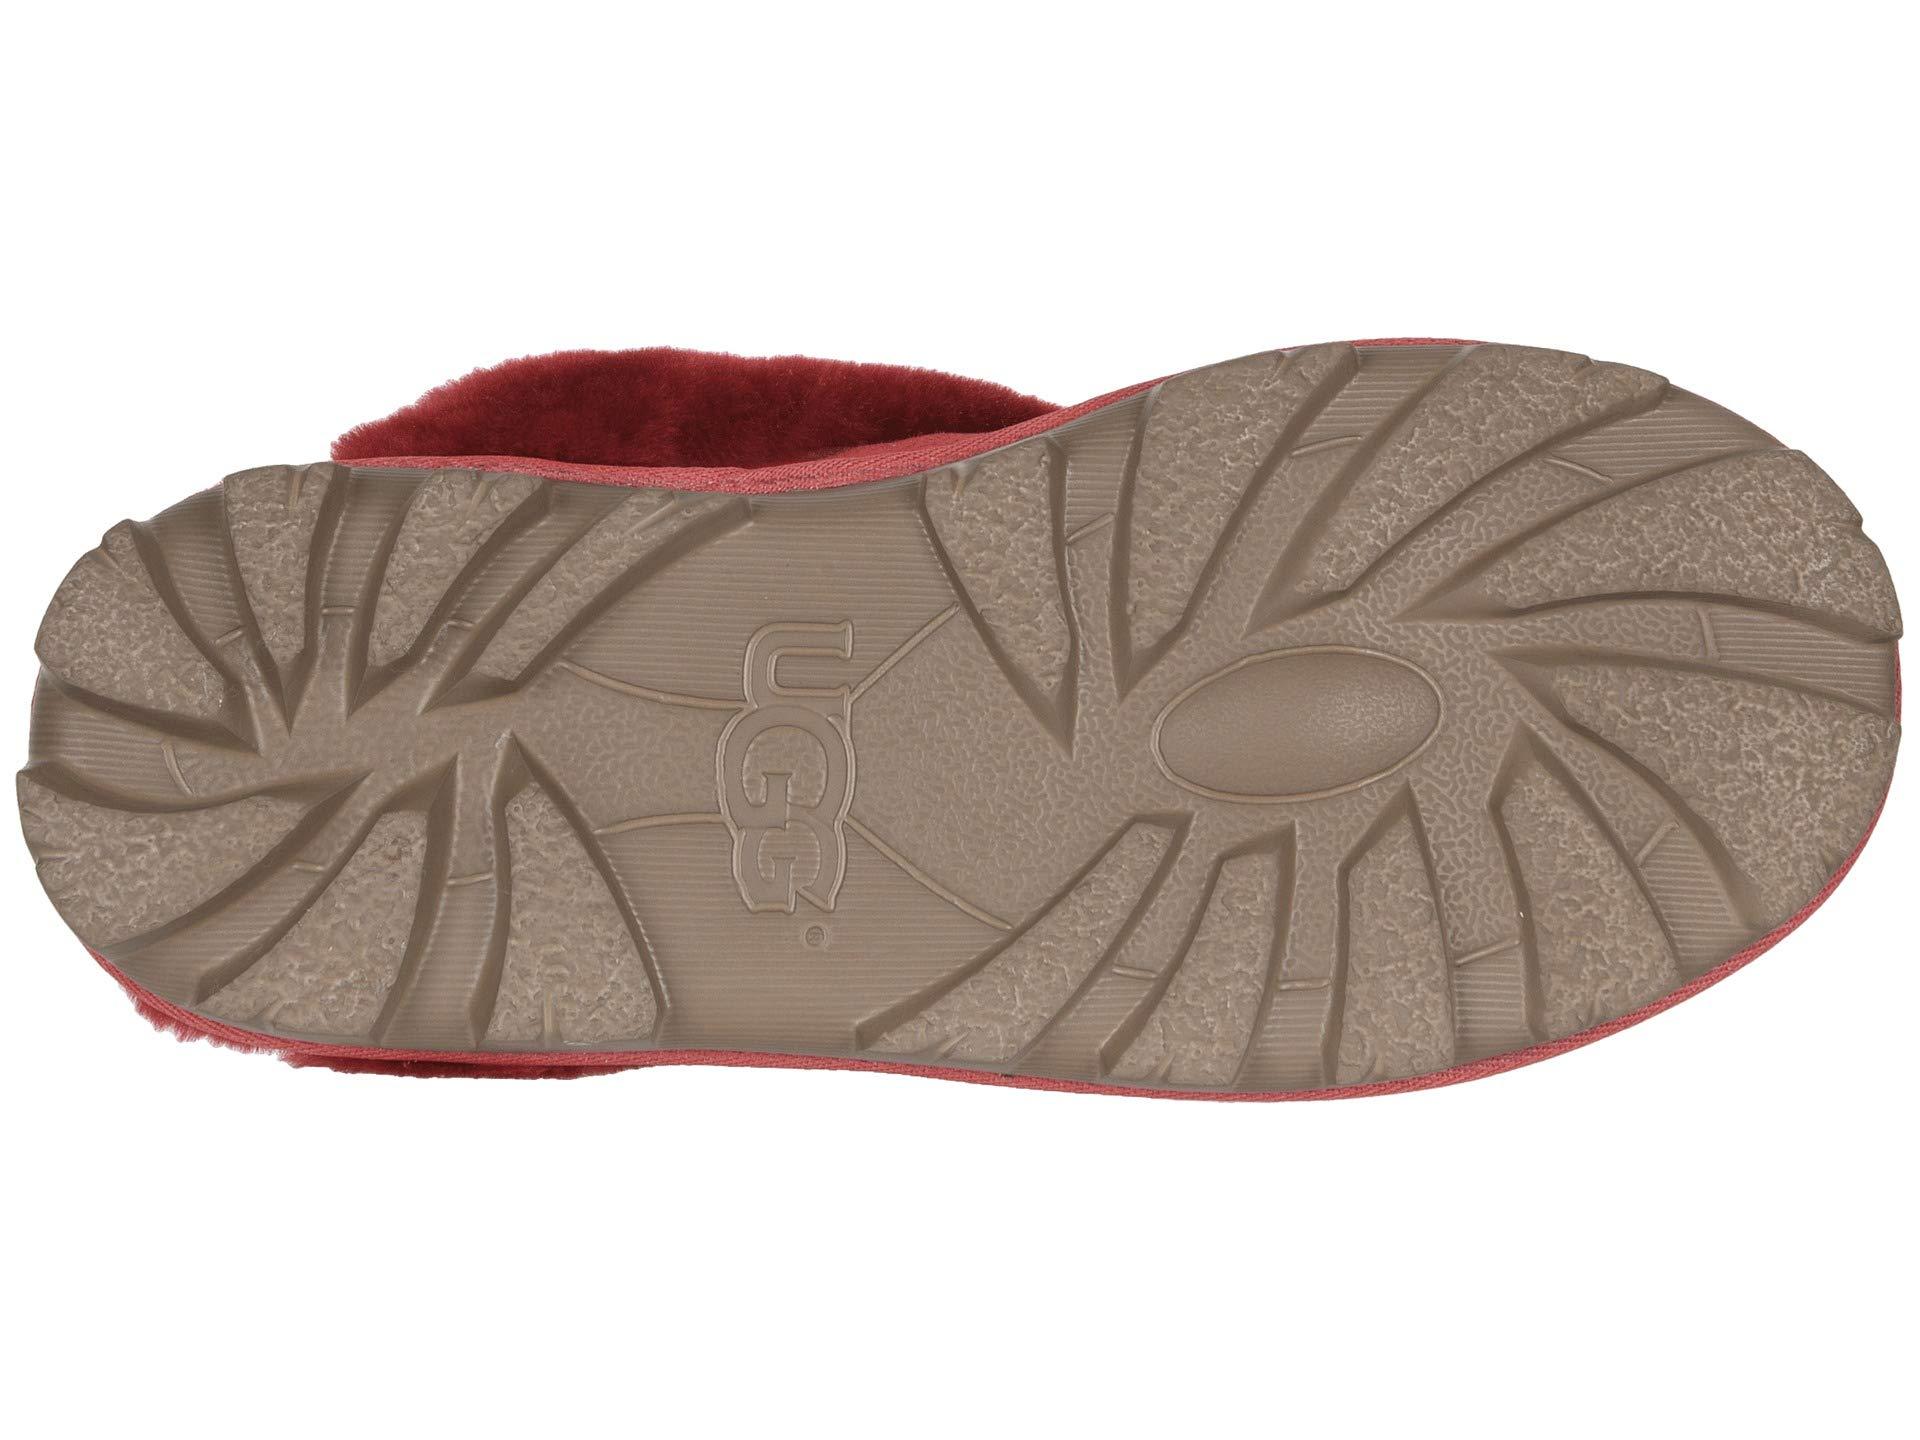 thumbnail 38 - UGG Women's Coquette Slipper - Choose SZ/color